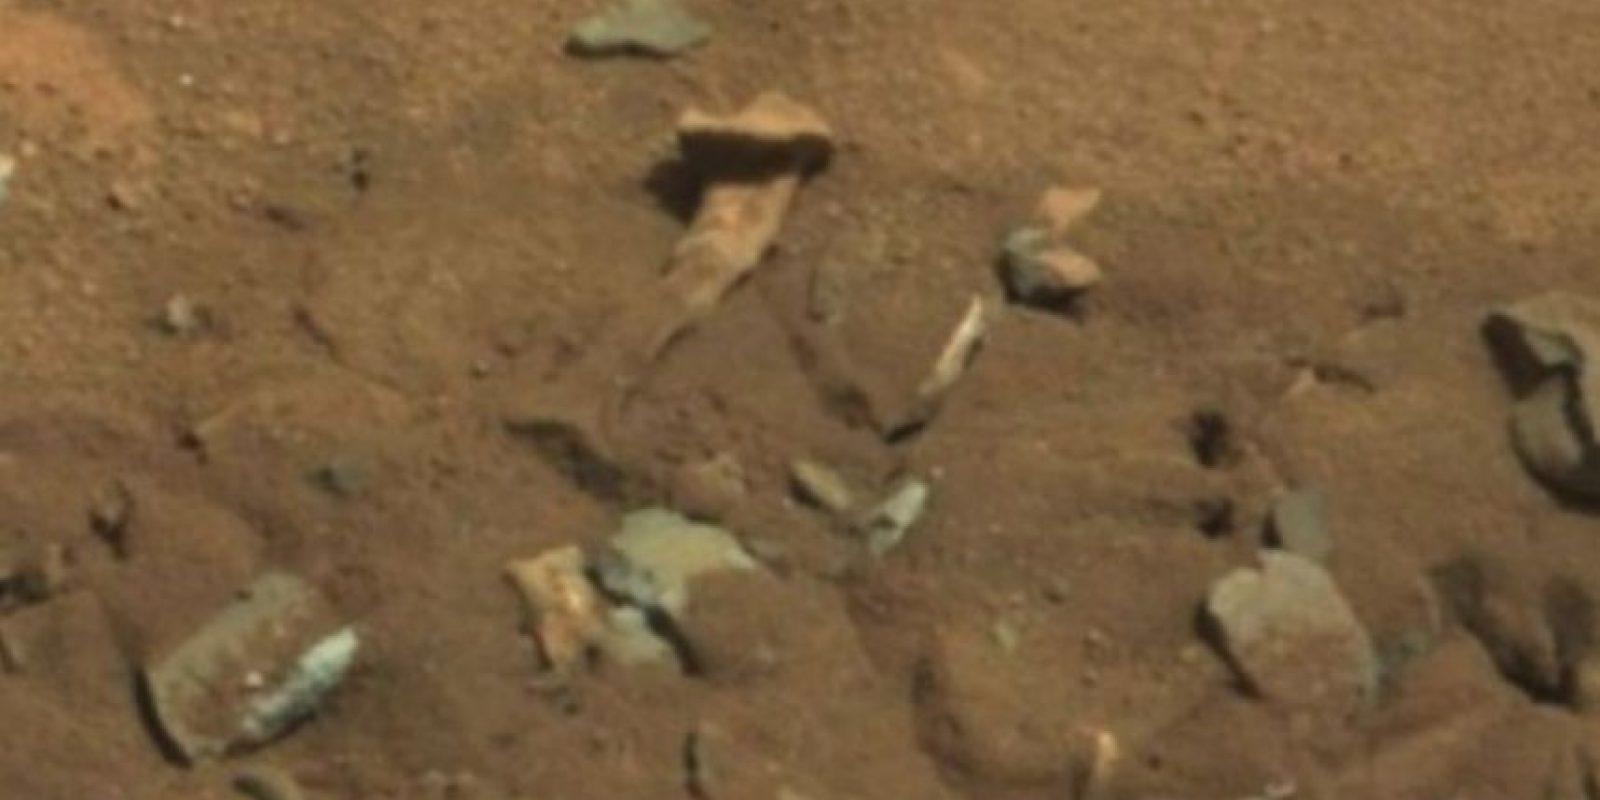 Se descubrió en agosto de 2014 Foto:Vía mars.jpl.nasa.gov/